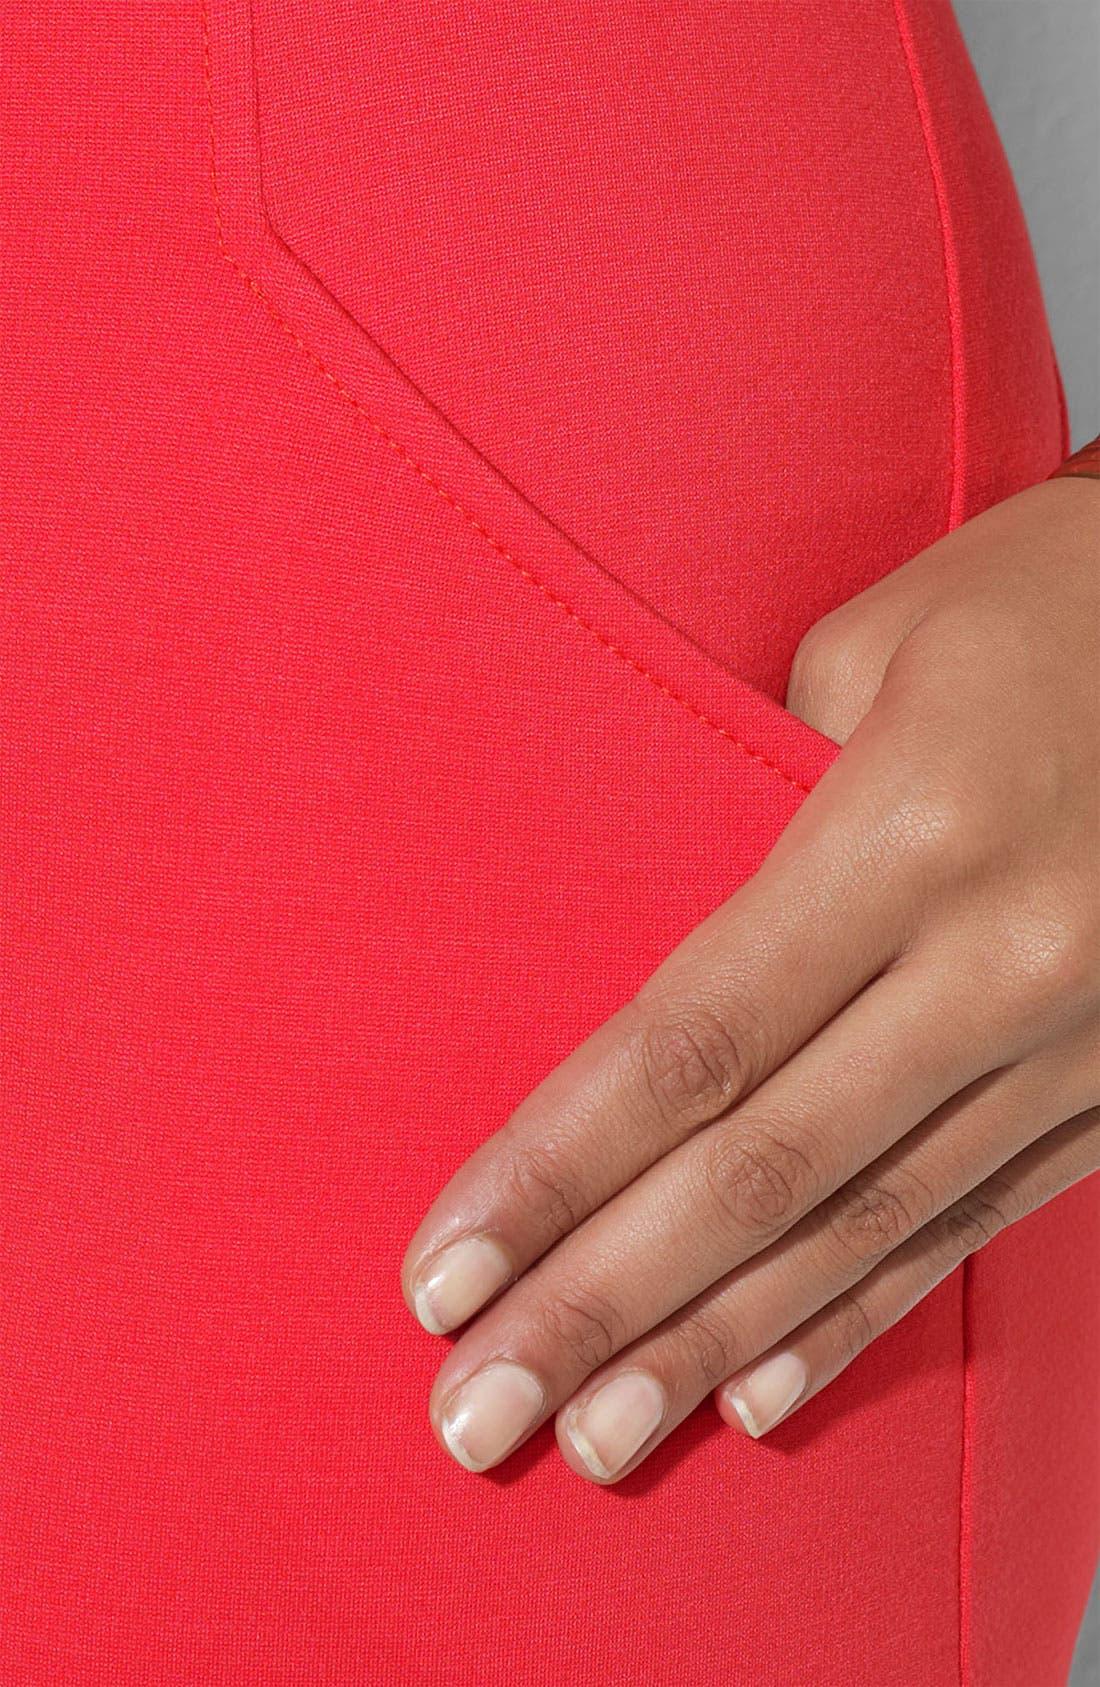 Alternate Image 3  - Lauren Ralph Lauren Bateau Neck Ponte Knit Sheath Dress (Plus)